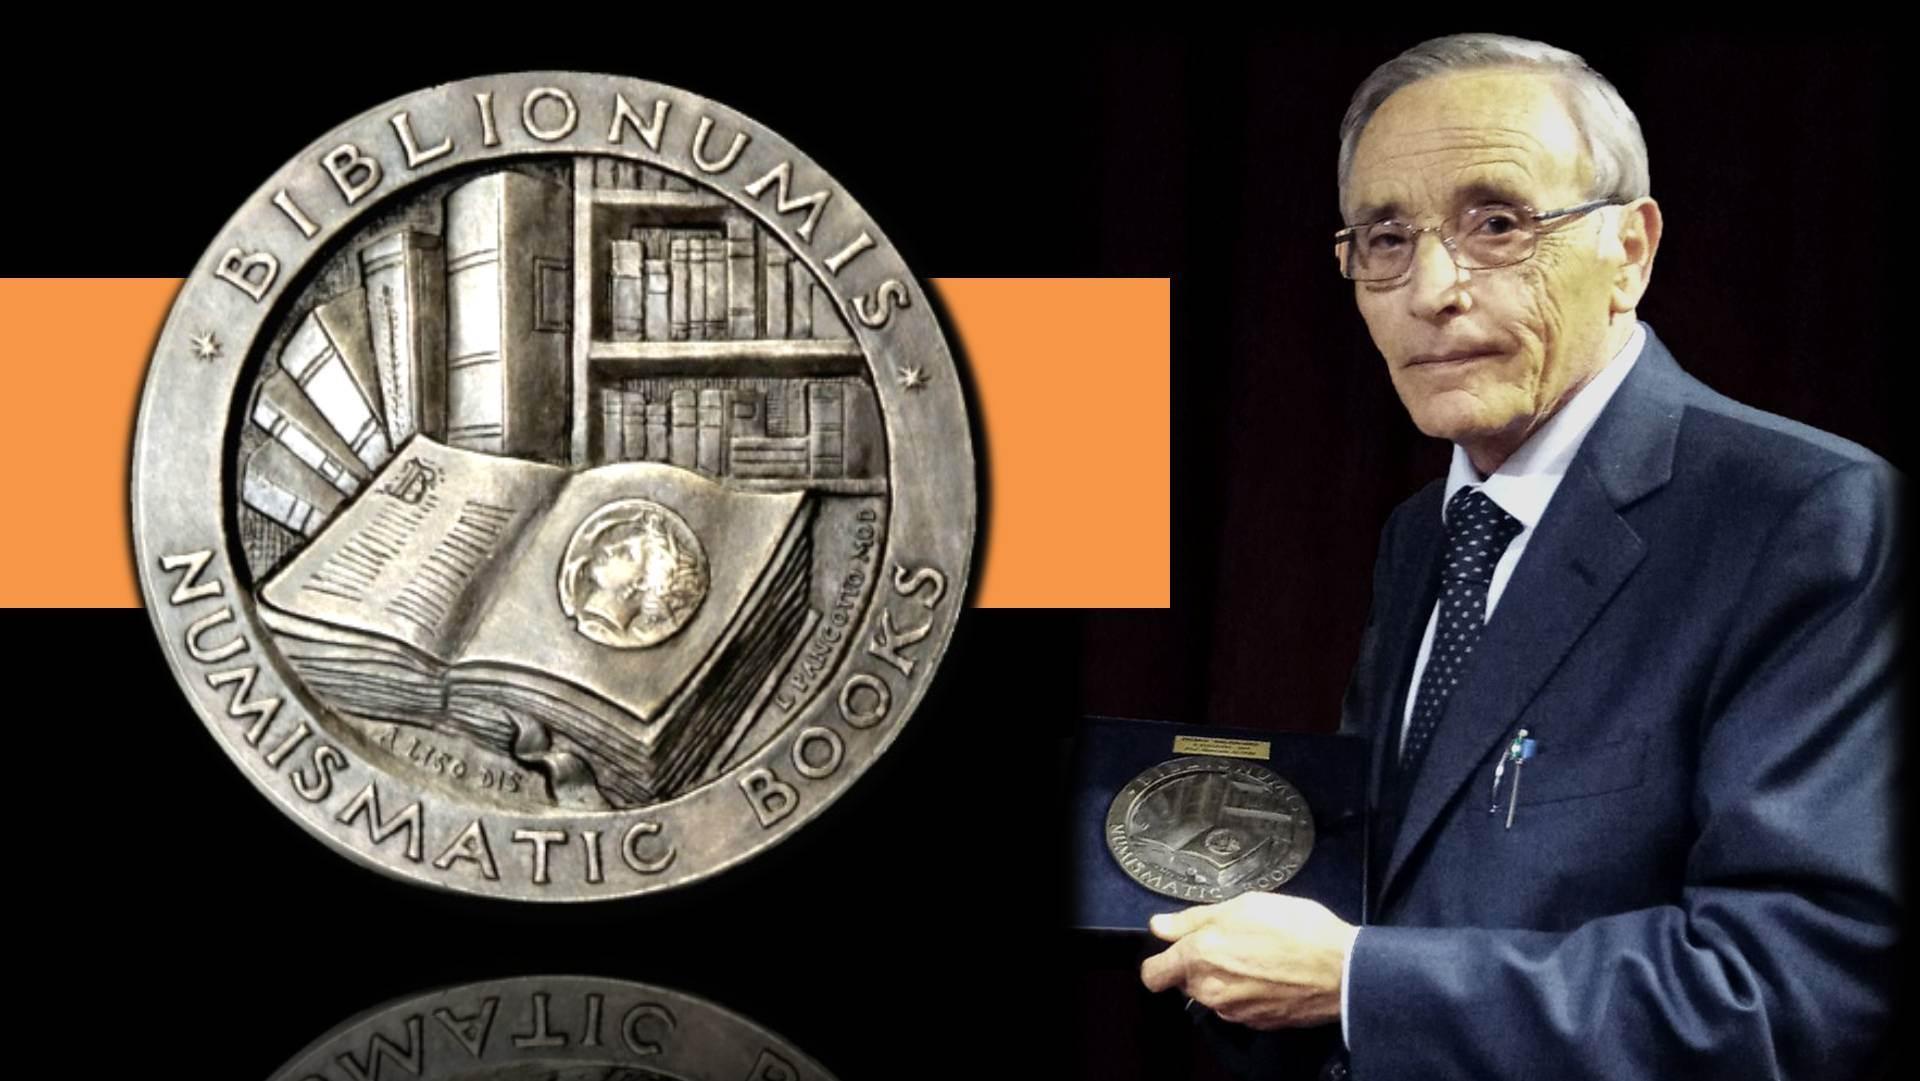 Conferito a Giancarlo Alteri il PREMIO BIBLIONUMIS 2019